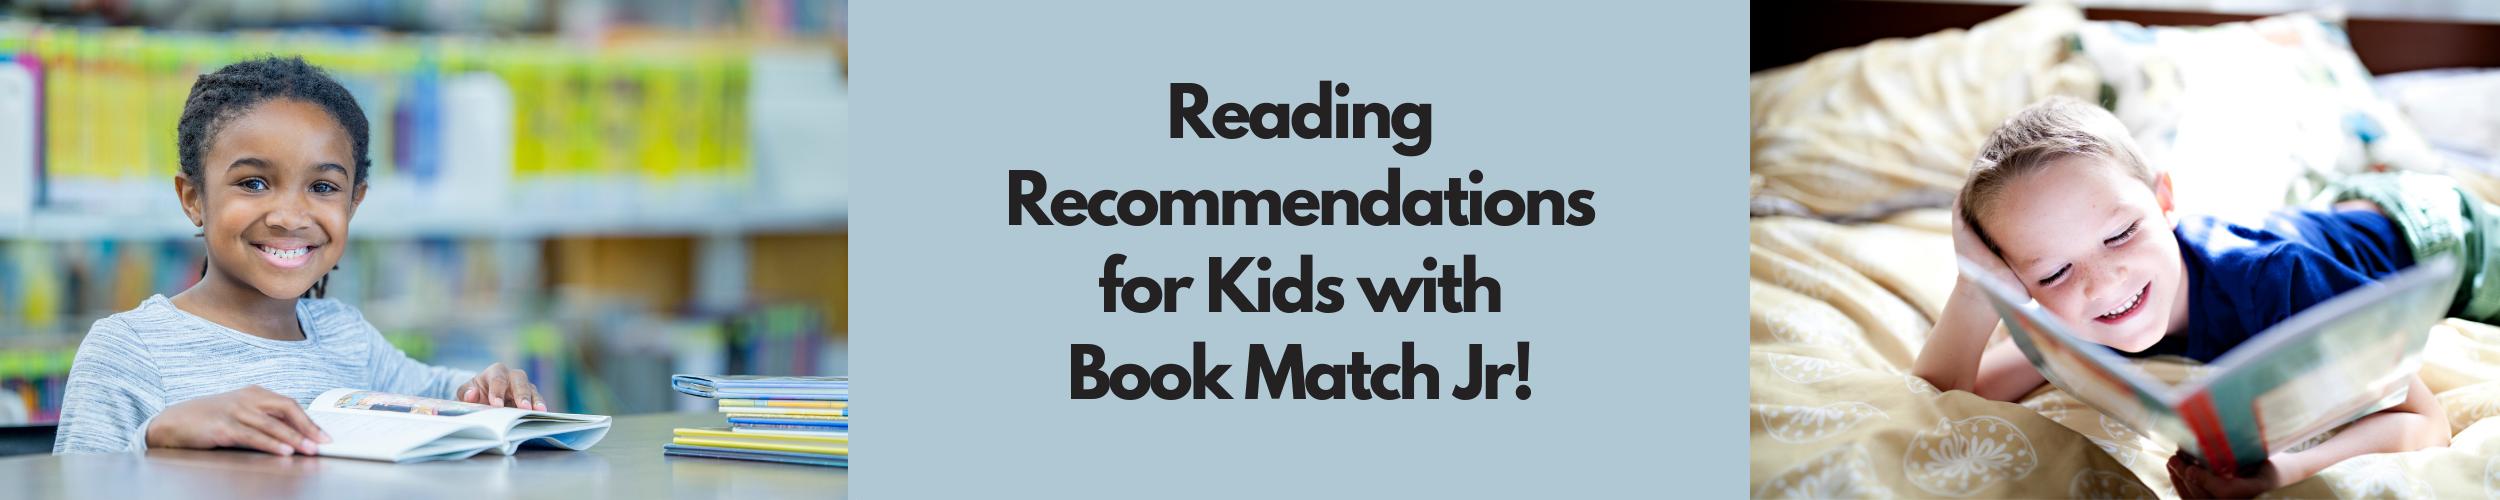 Book Match Jr